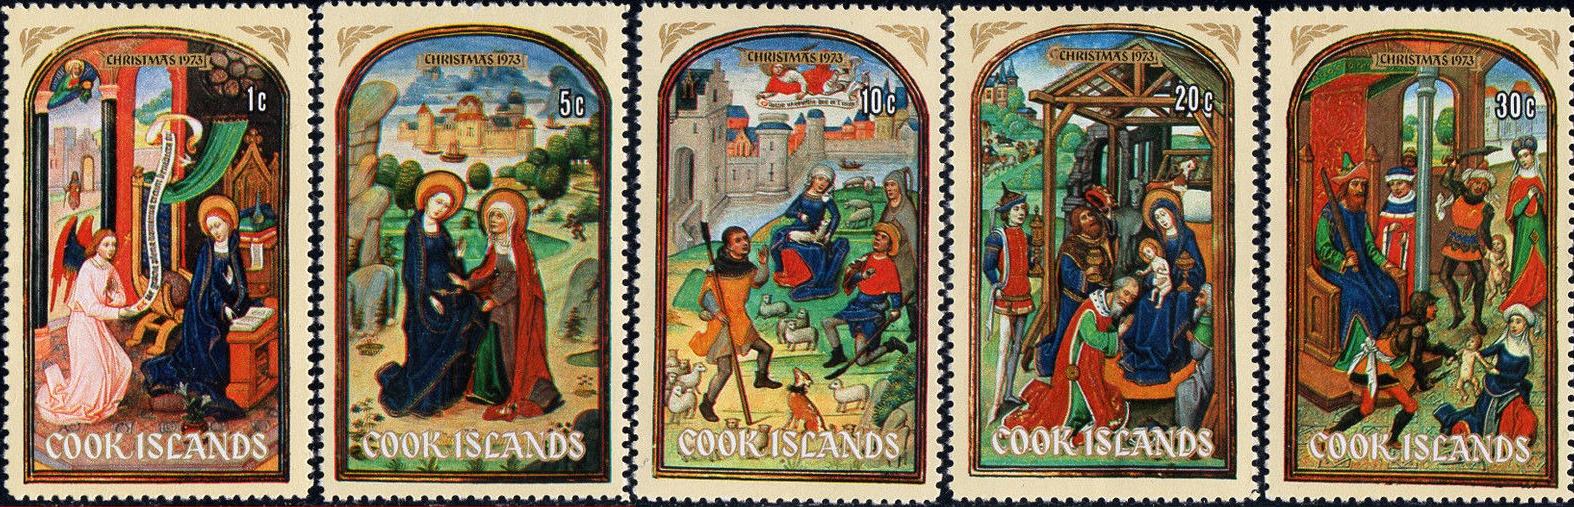 Cook Islands - Scott #364-368 (1973)